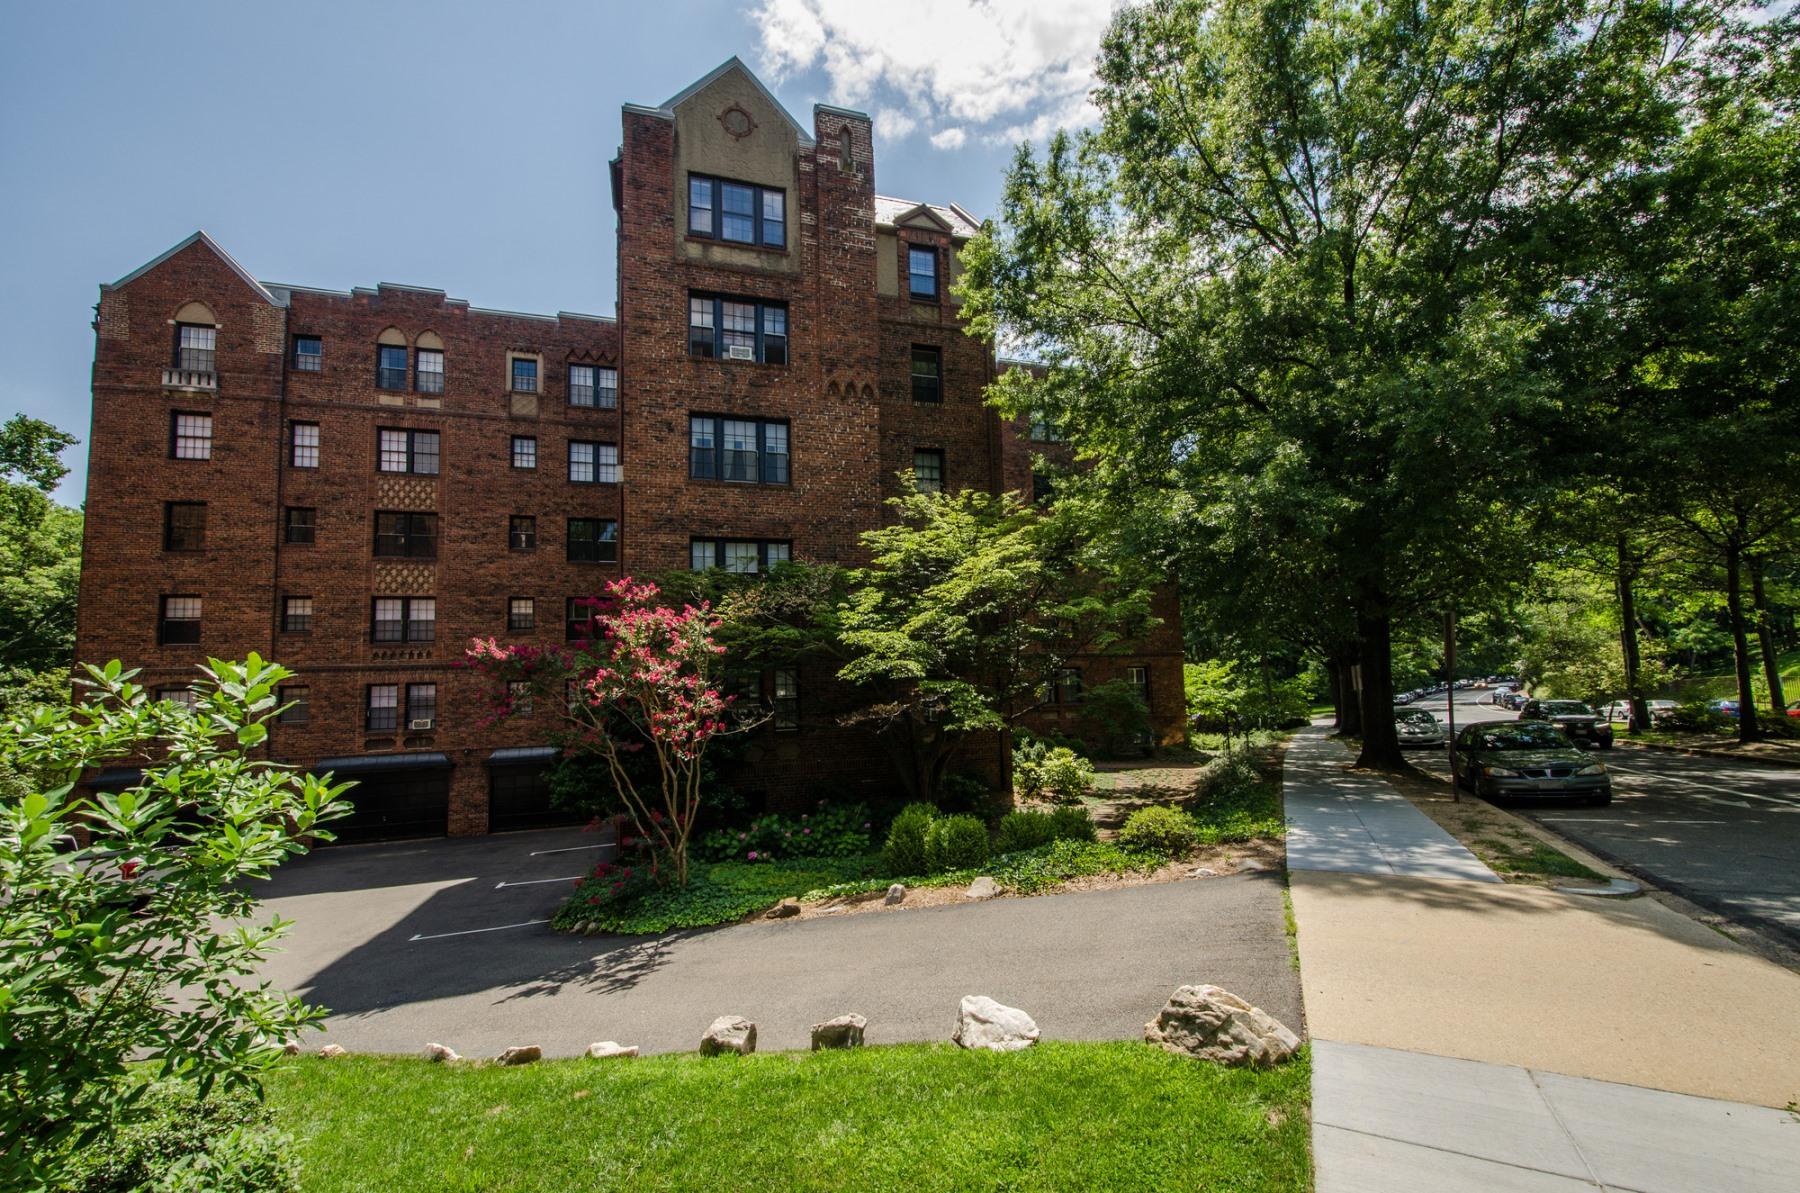 Кооперативная квартира для того Продажа на 3024 Tilden Street Nw 502C, Washington Washington, Округ Колумбия 20008 Соединенные Штаты